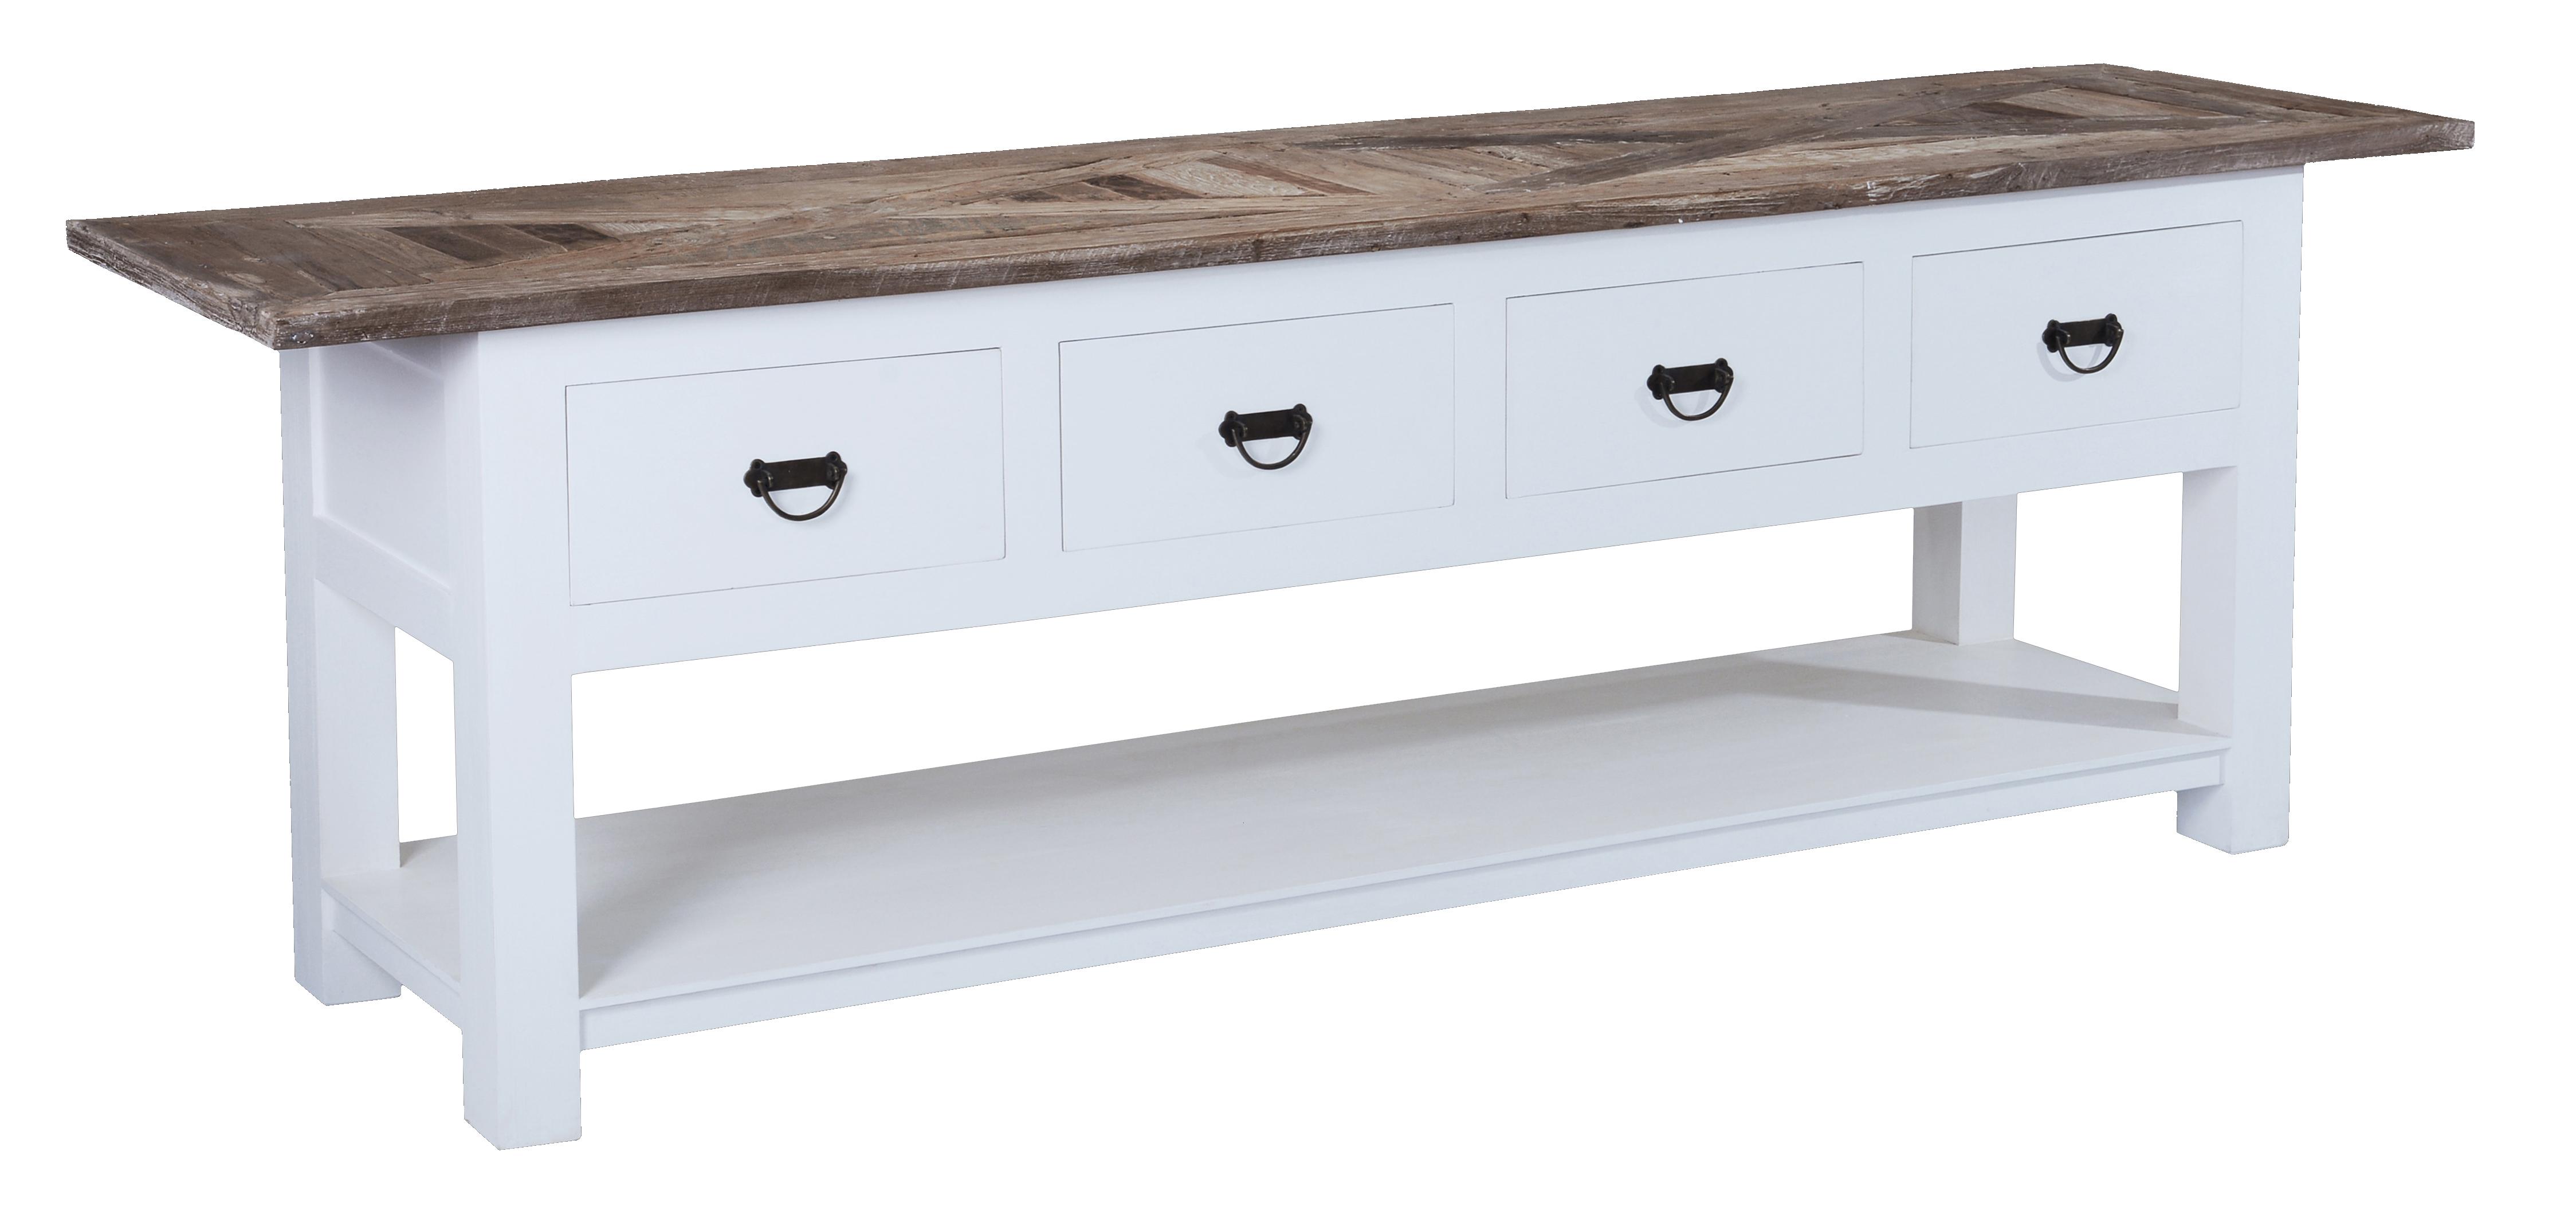 Sidetable Met Lades.White Wash Side Table Met Mozaiek Teak Blad En 4 Lades